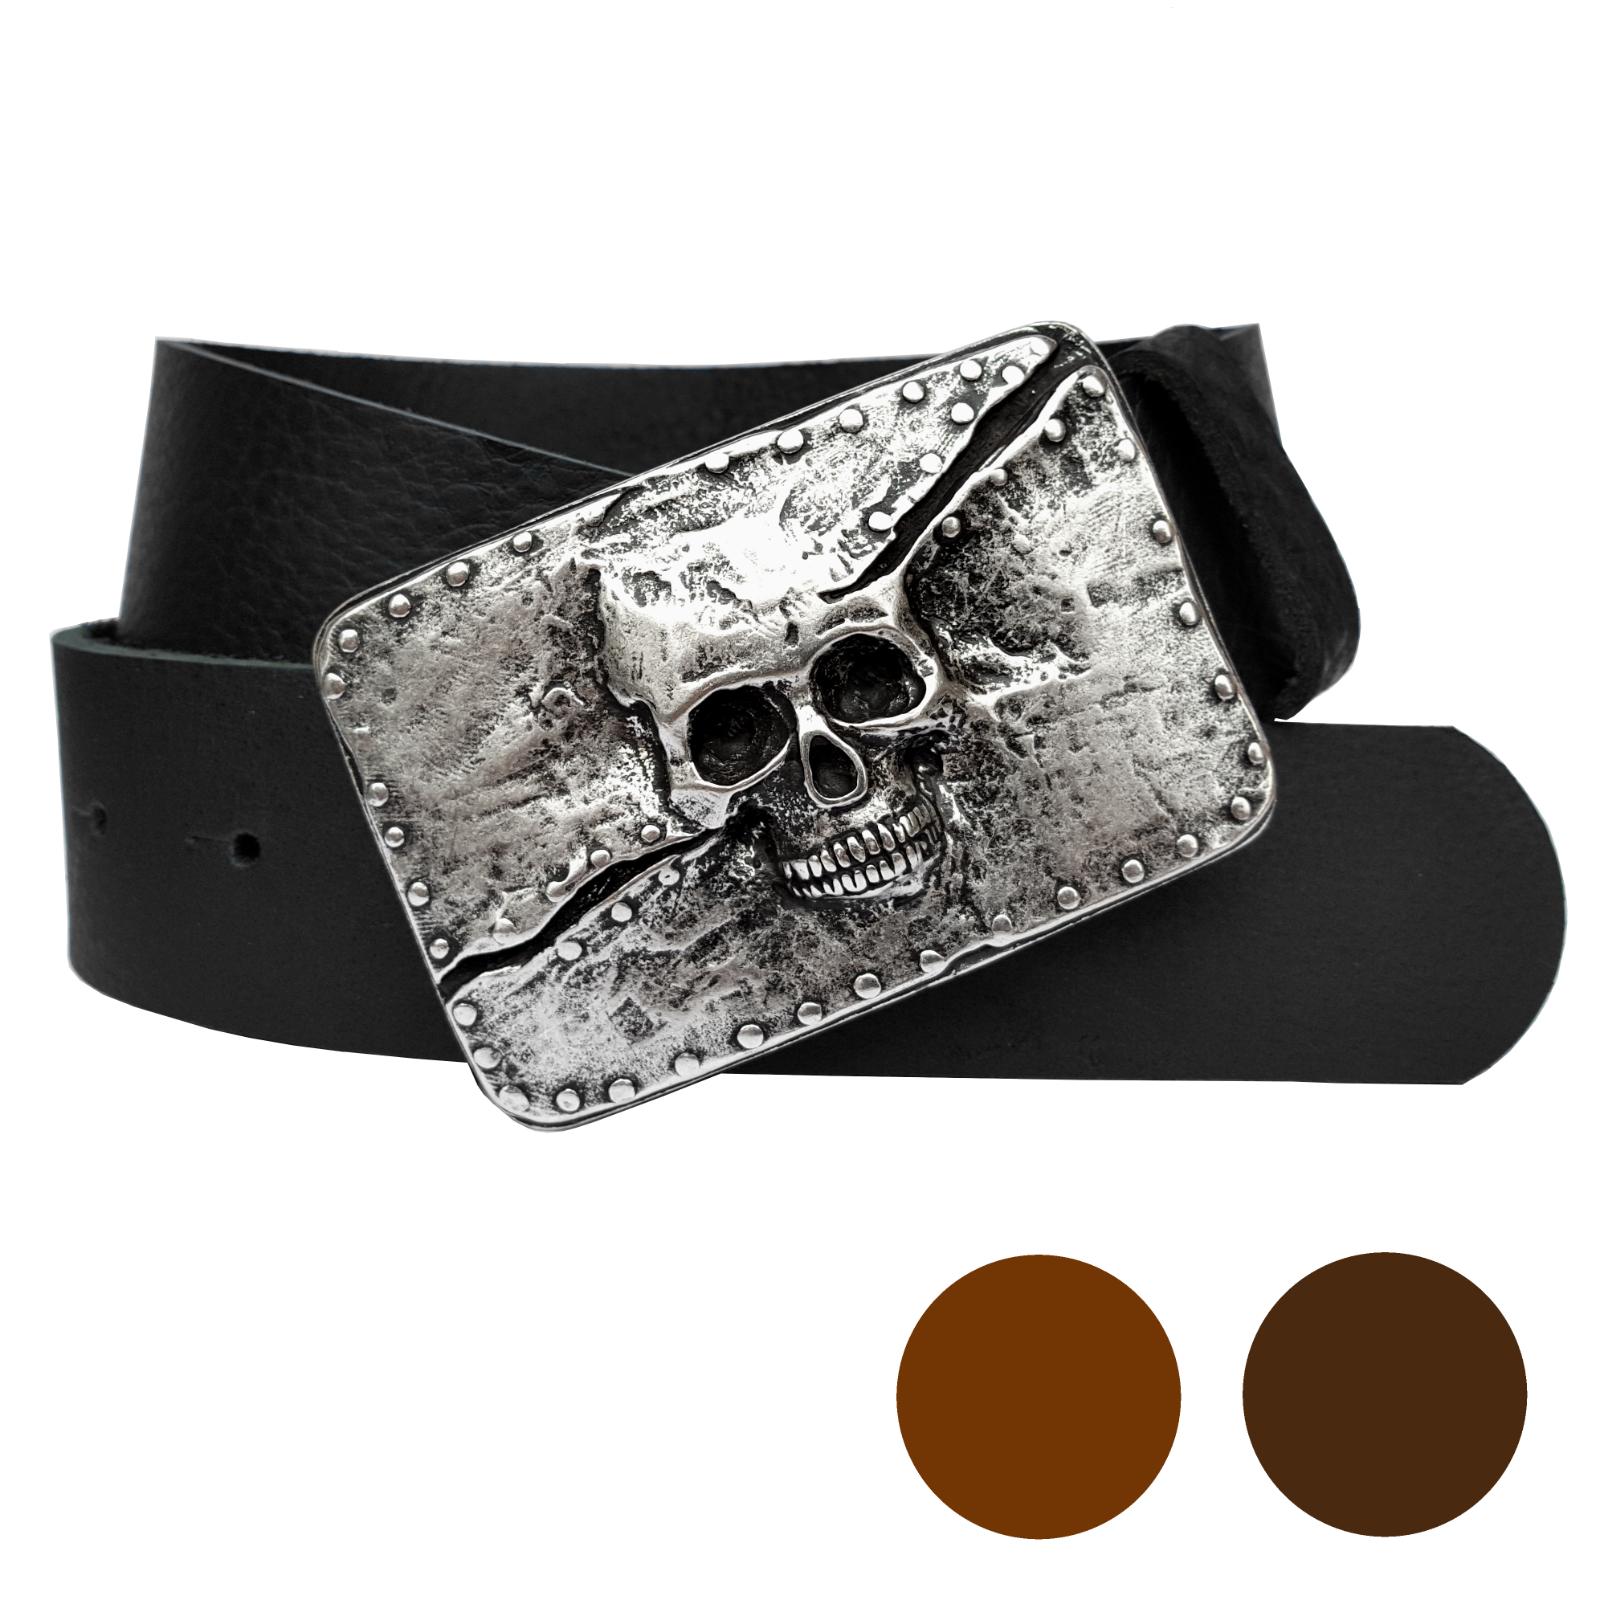 Ledergürtel Totenkopf schwarz 4cm Skull buckle braun Biker Rockstar Jeansgürtel